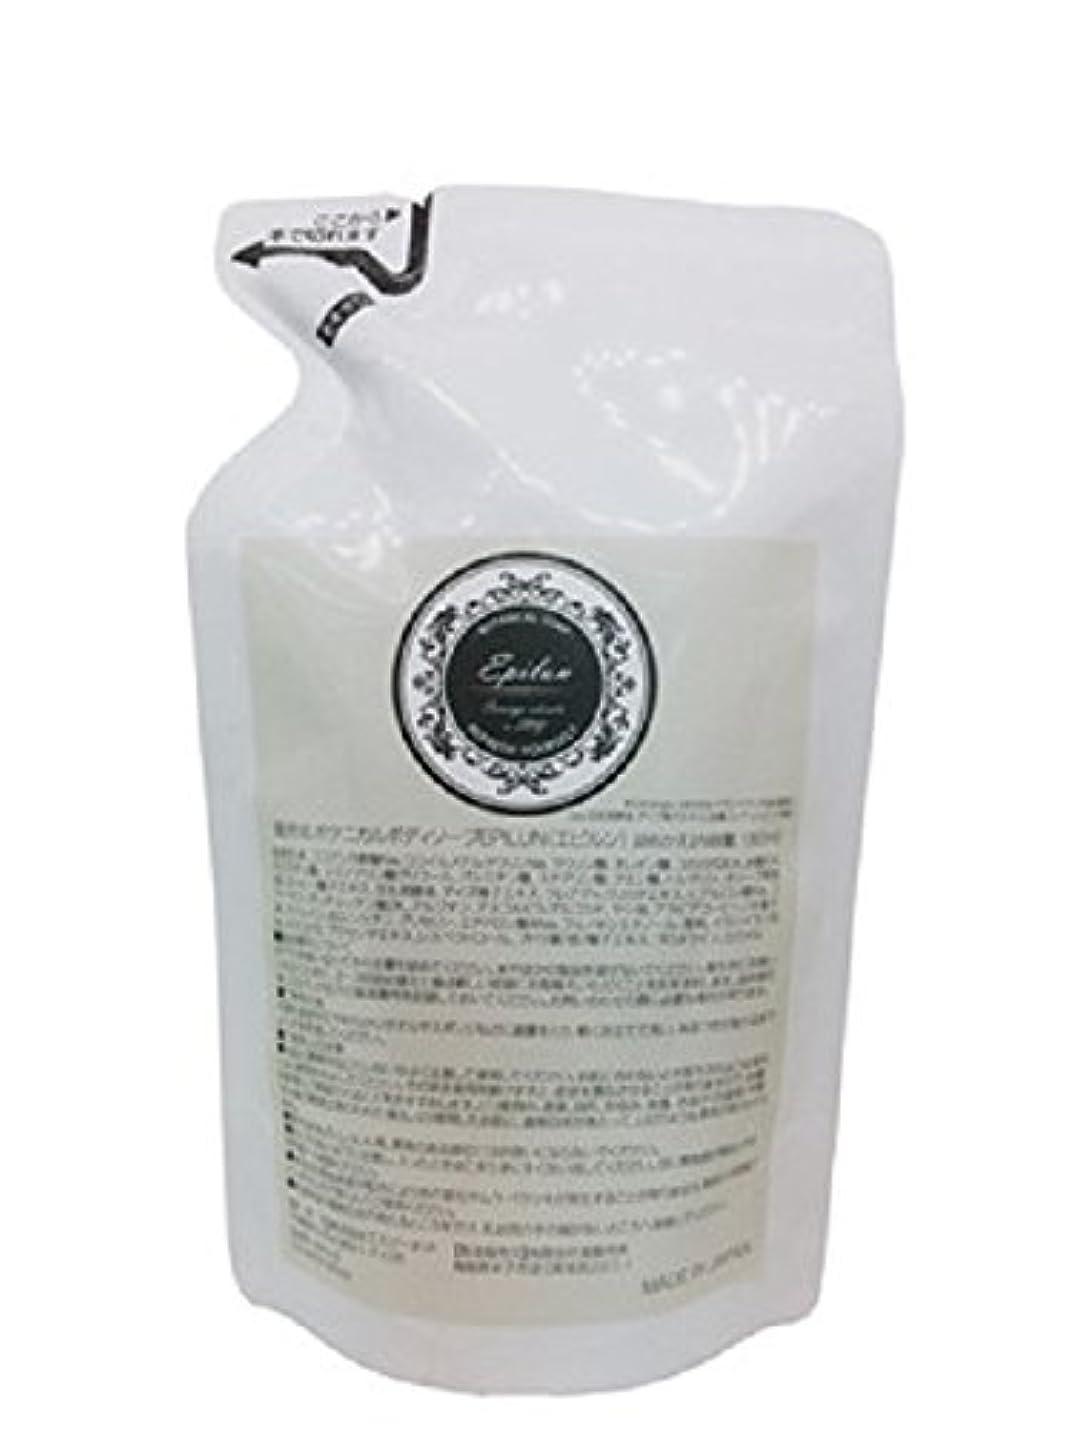 環境に優しい蒸留する休憩エピルン 詰替 ボタニカルソープepilun